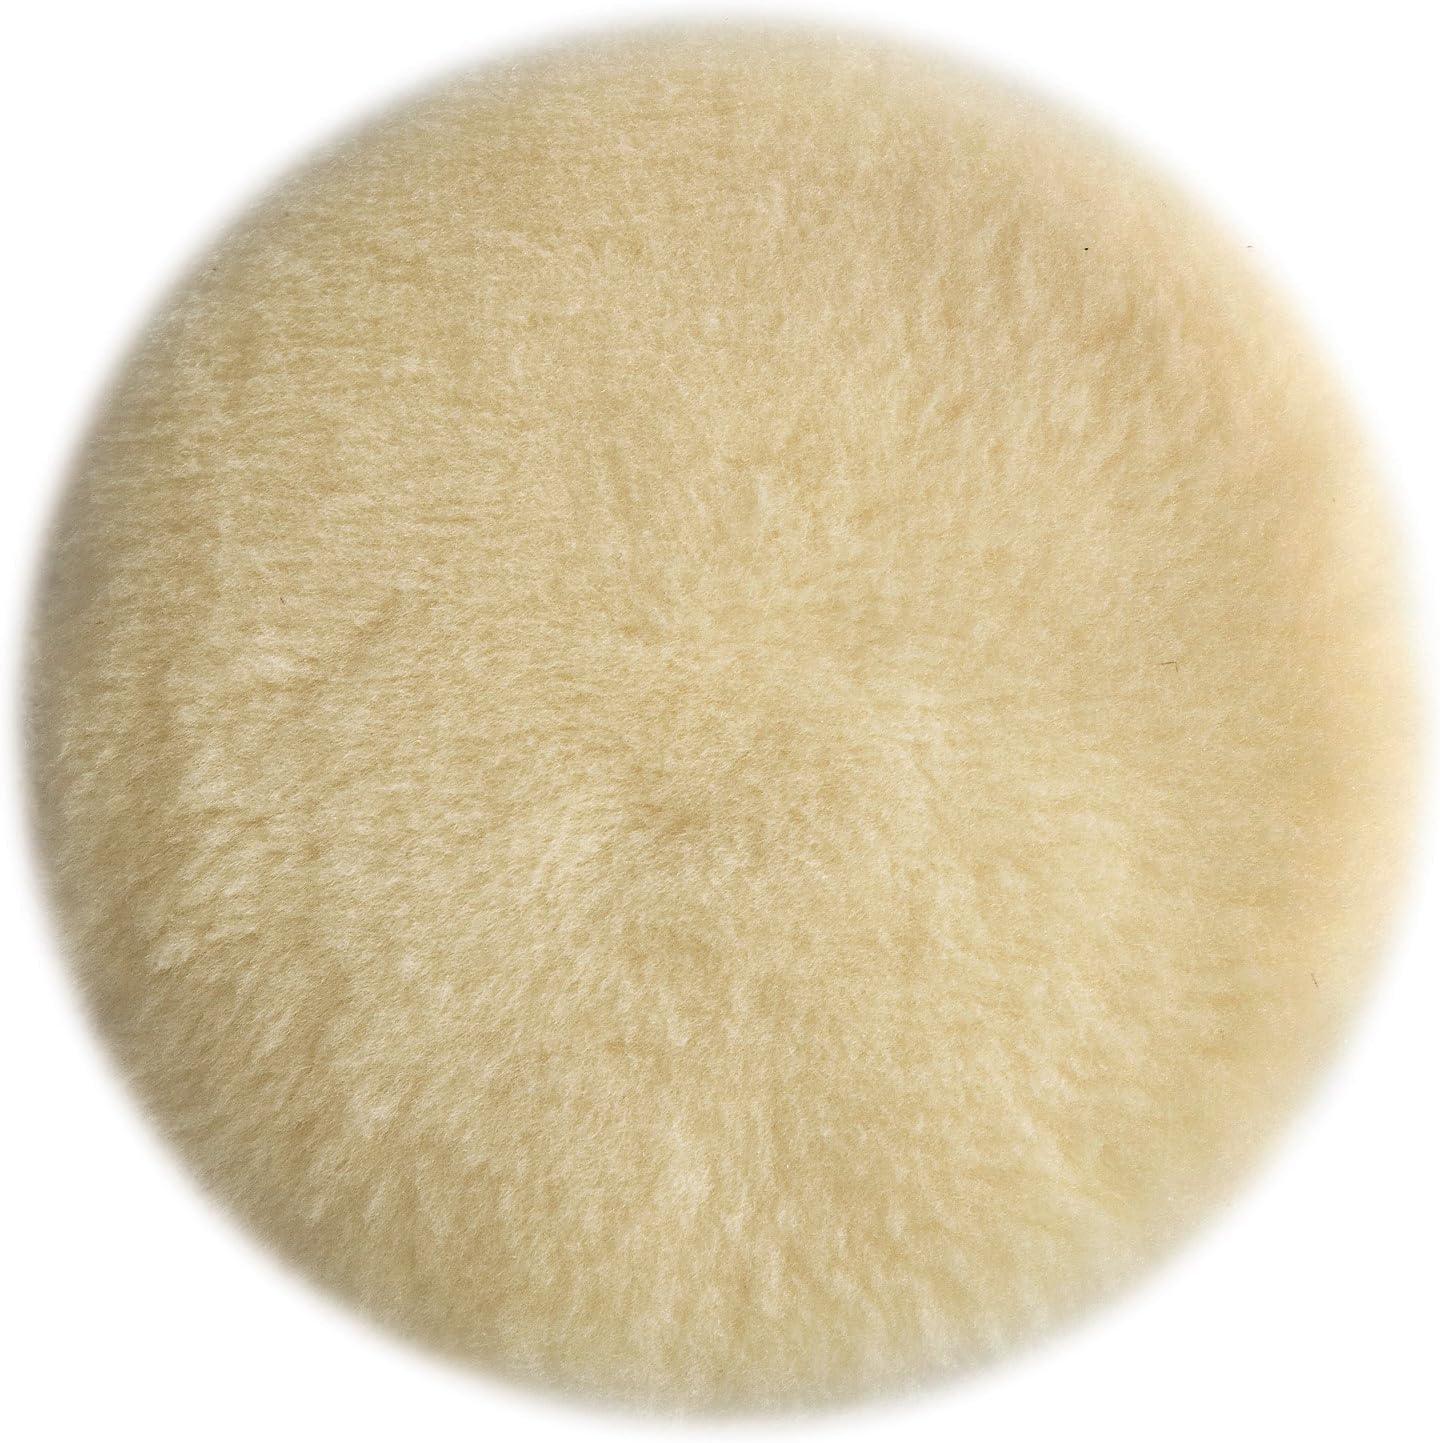 B00004Y774 PORTER-CABLE 18007 6-Inch Lambs Wool Hook and Loop Polishing Pad 81RaMJaa2xL